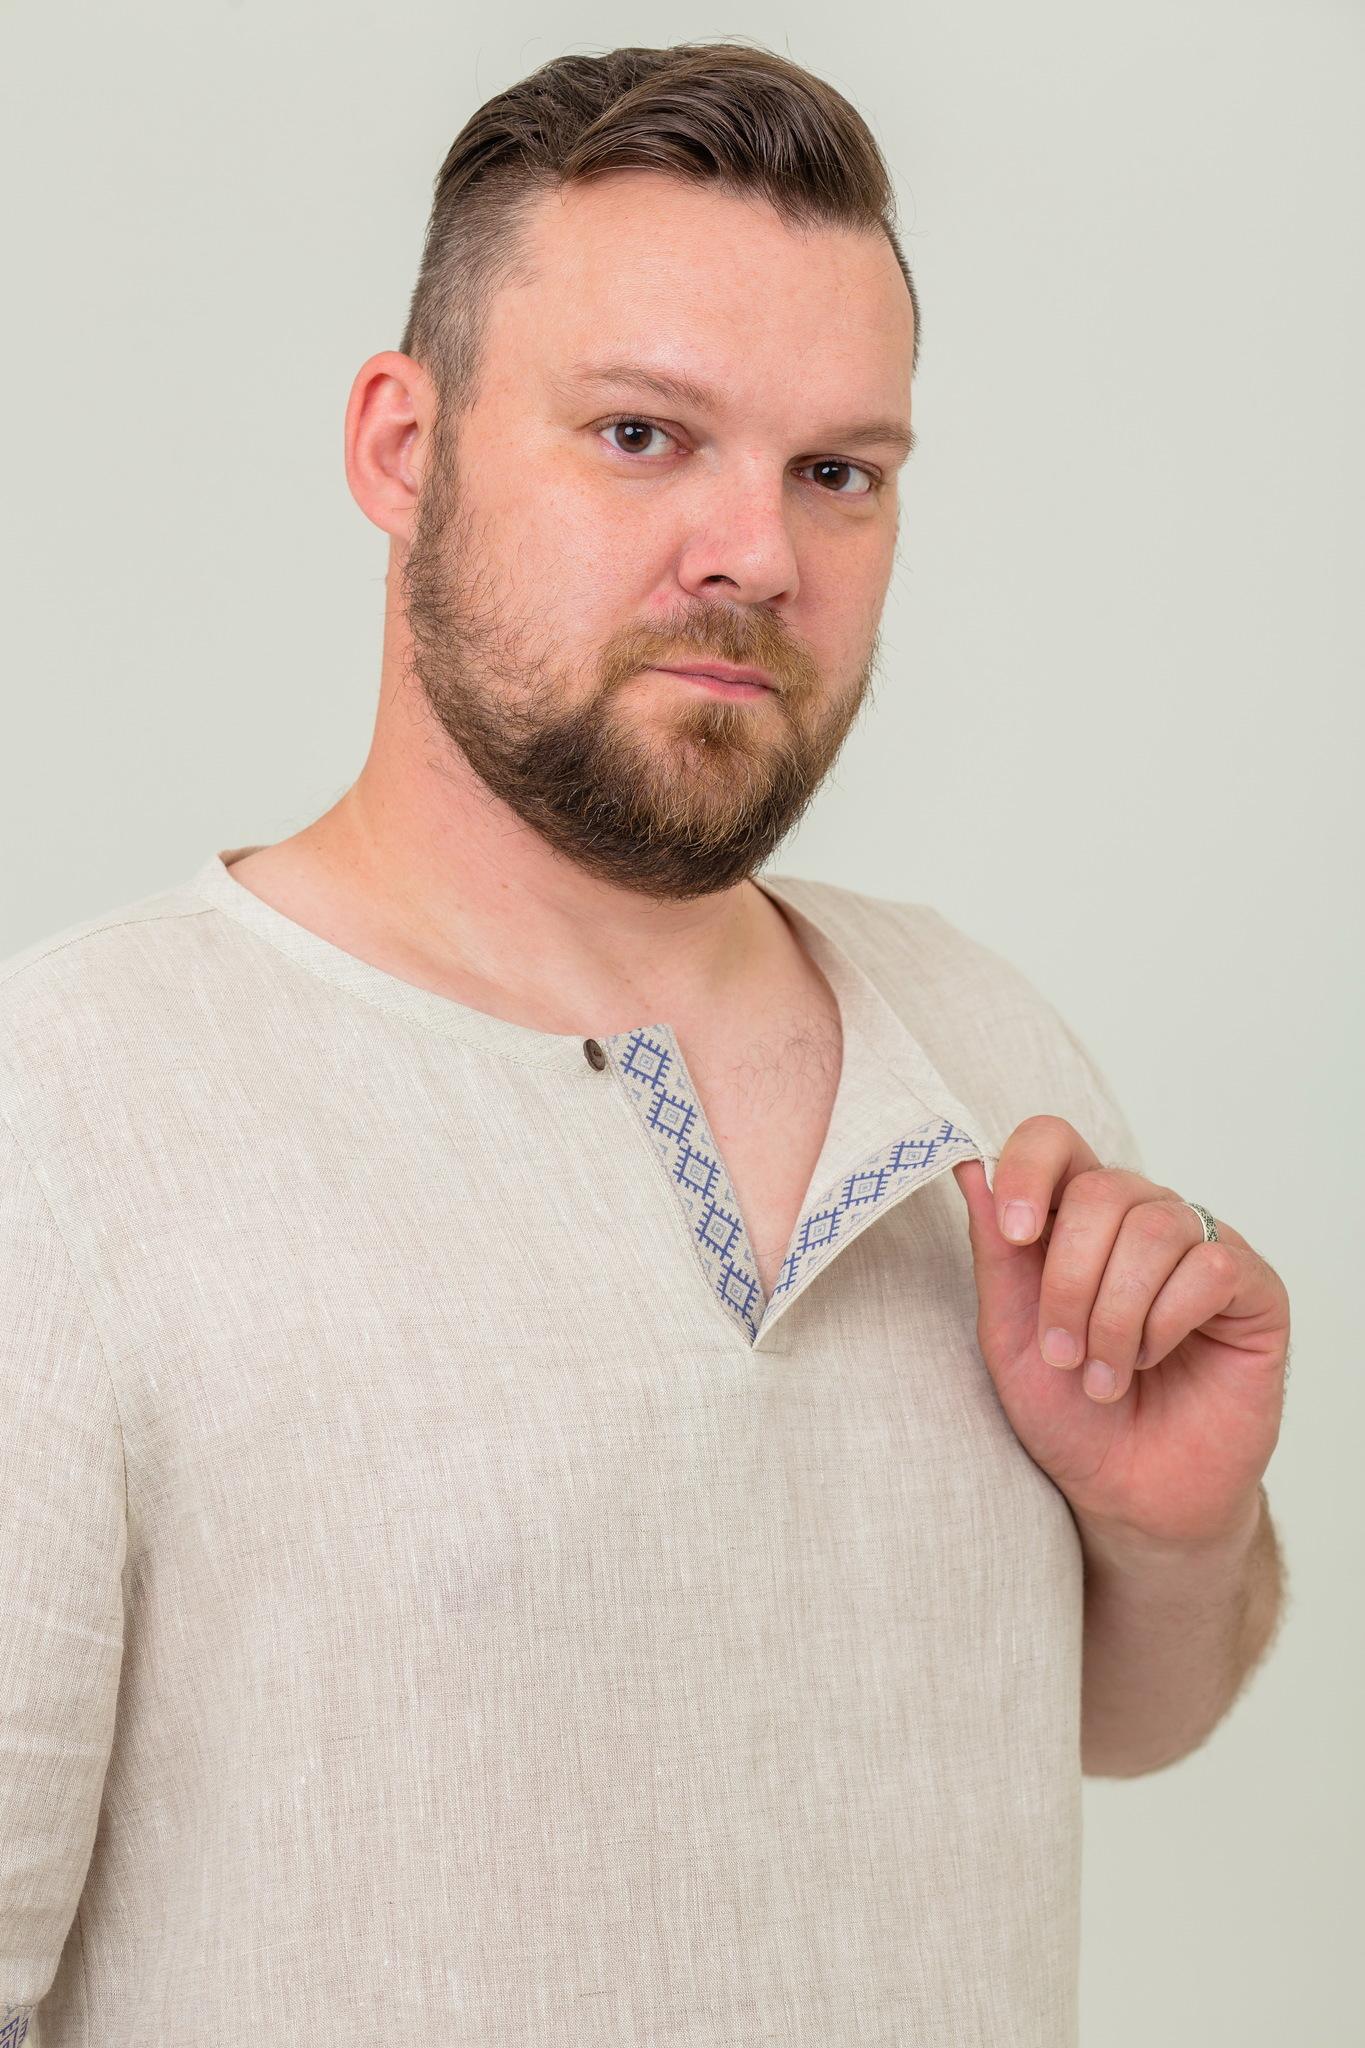 Современная льняная рубашка с обережным орнаментом